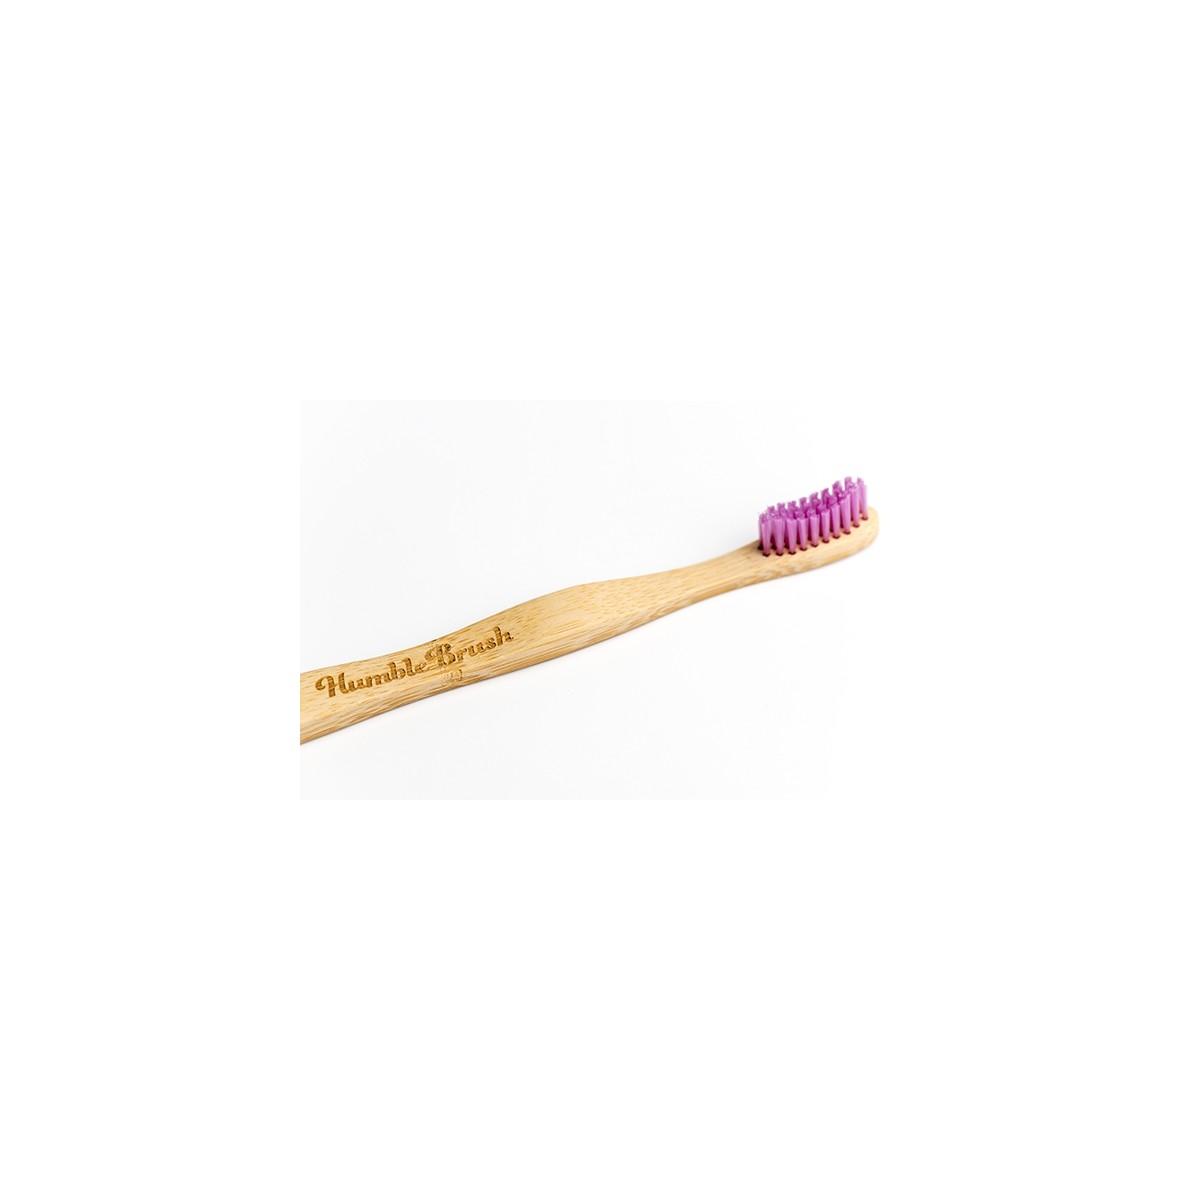 Cepillo de dientes solidario para adulto - Blanco